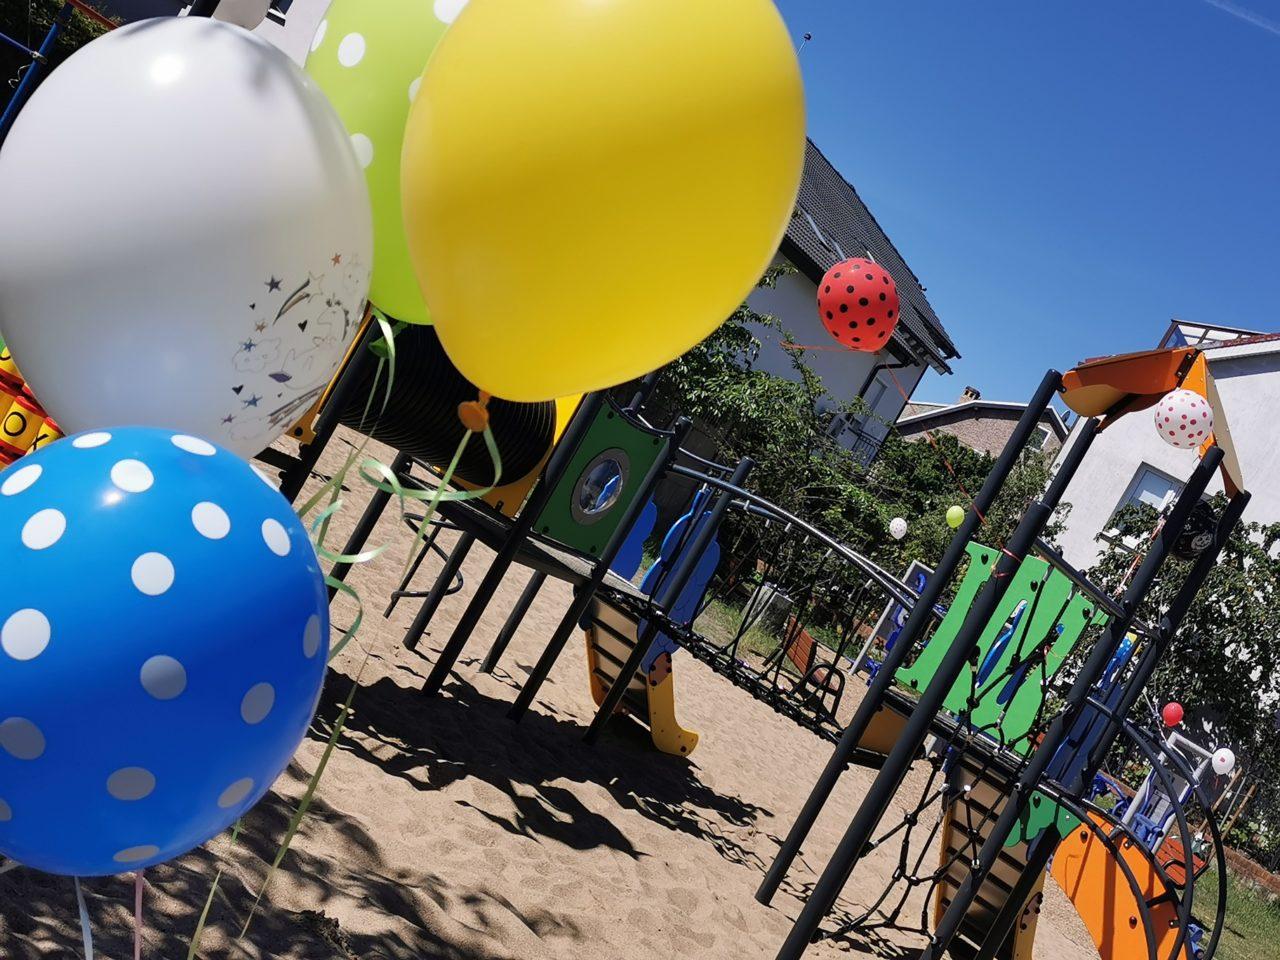 W Dzień Dziecka na nowych placach zabaw zrobiło się jeszcze bardziej kolorowo!